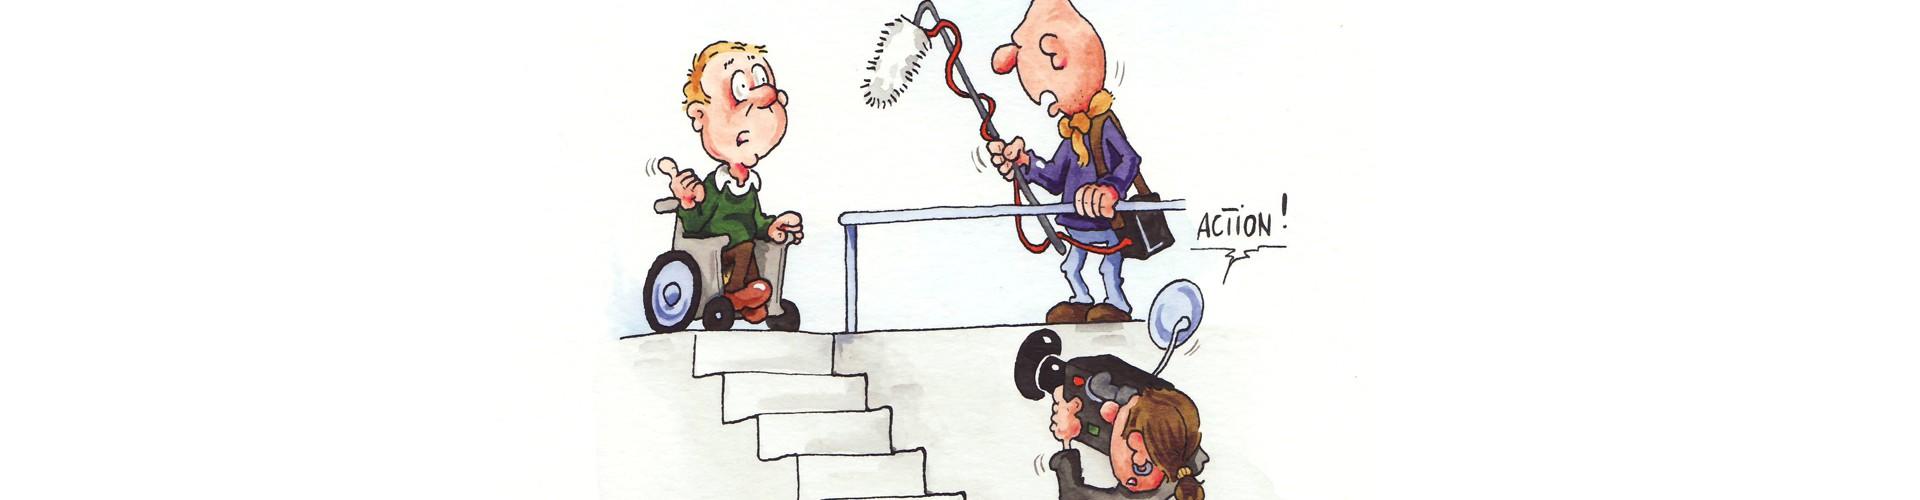 Ein Mann im Rollstuhl steht am oberen Ende einer Treppe. Er redet mit dem Kamerateam: